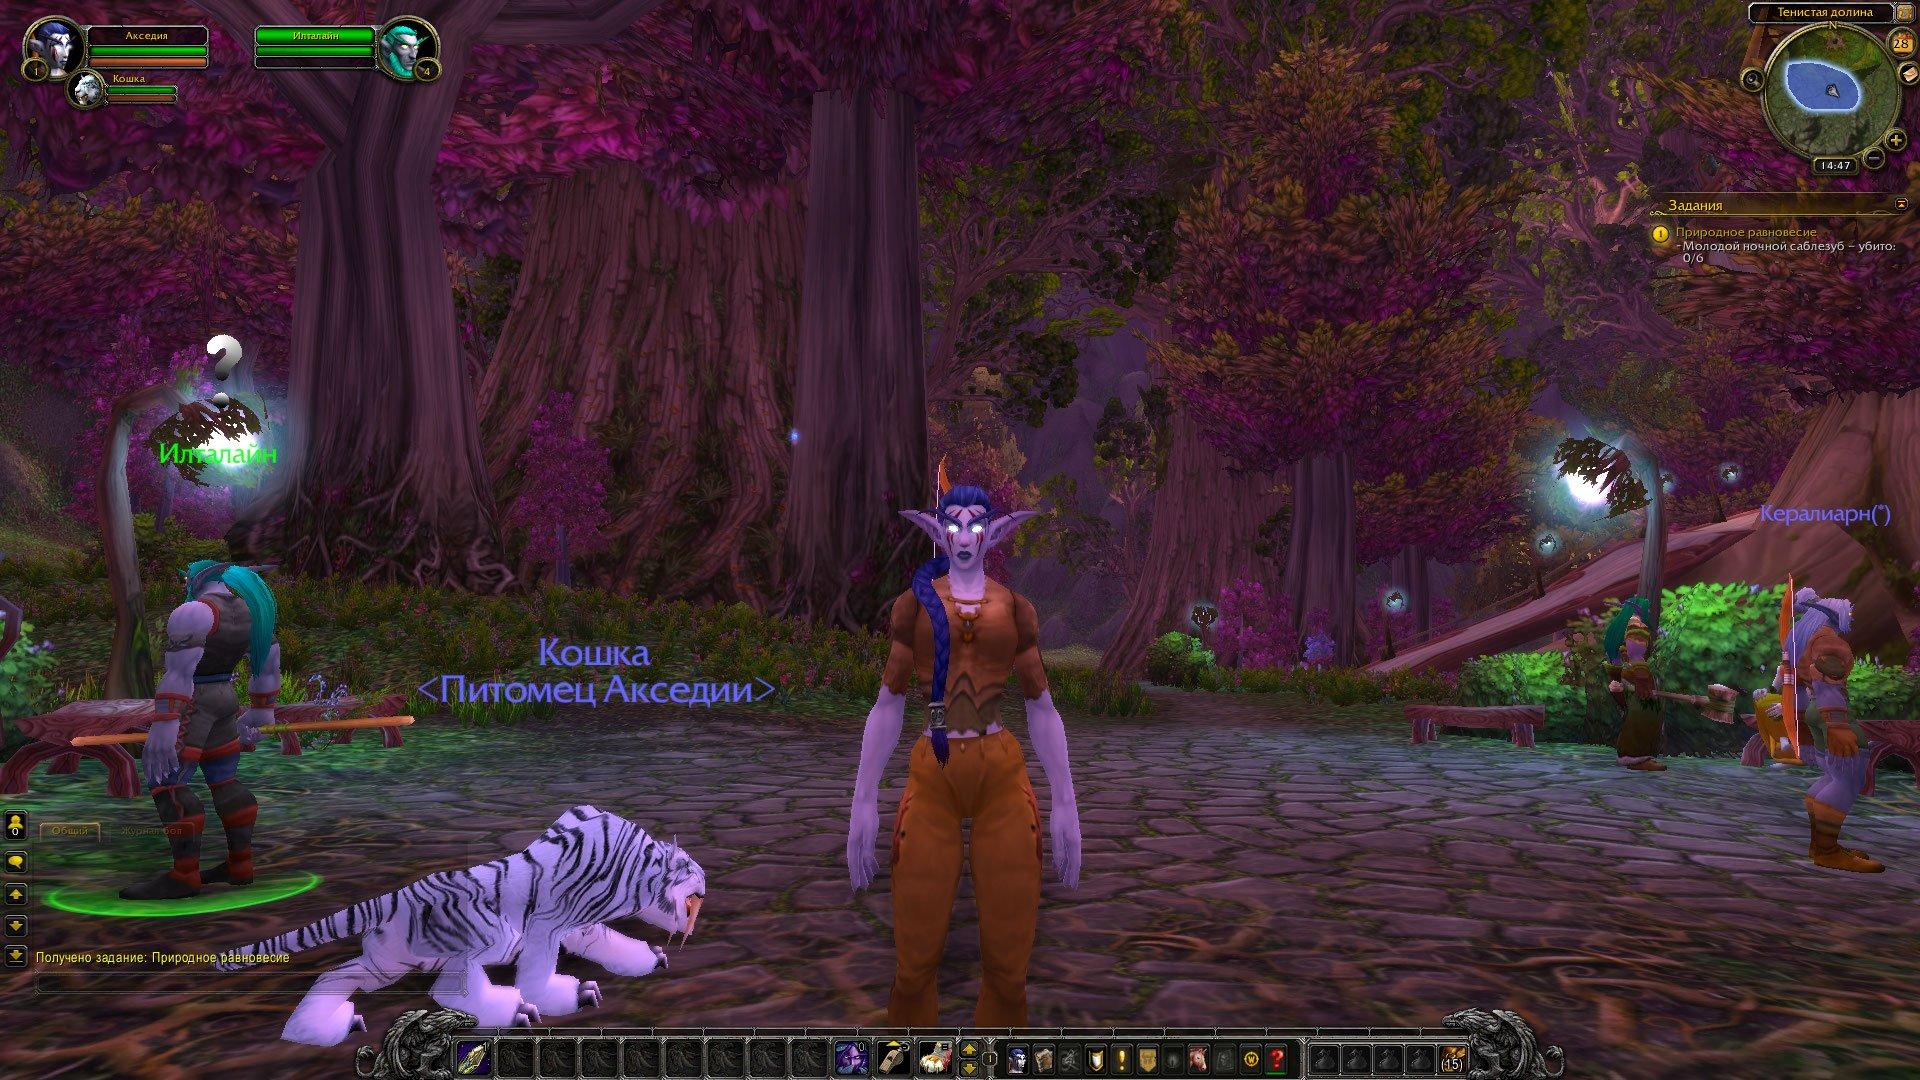 Путешествие по World of Warcraft ... Знакомство - Изображение 2